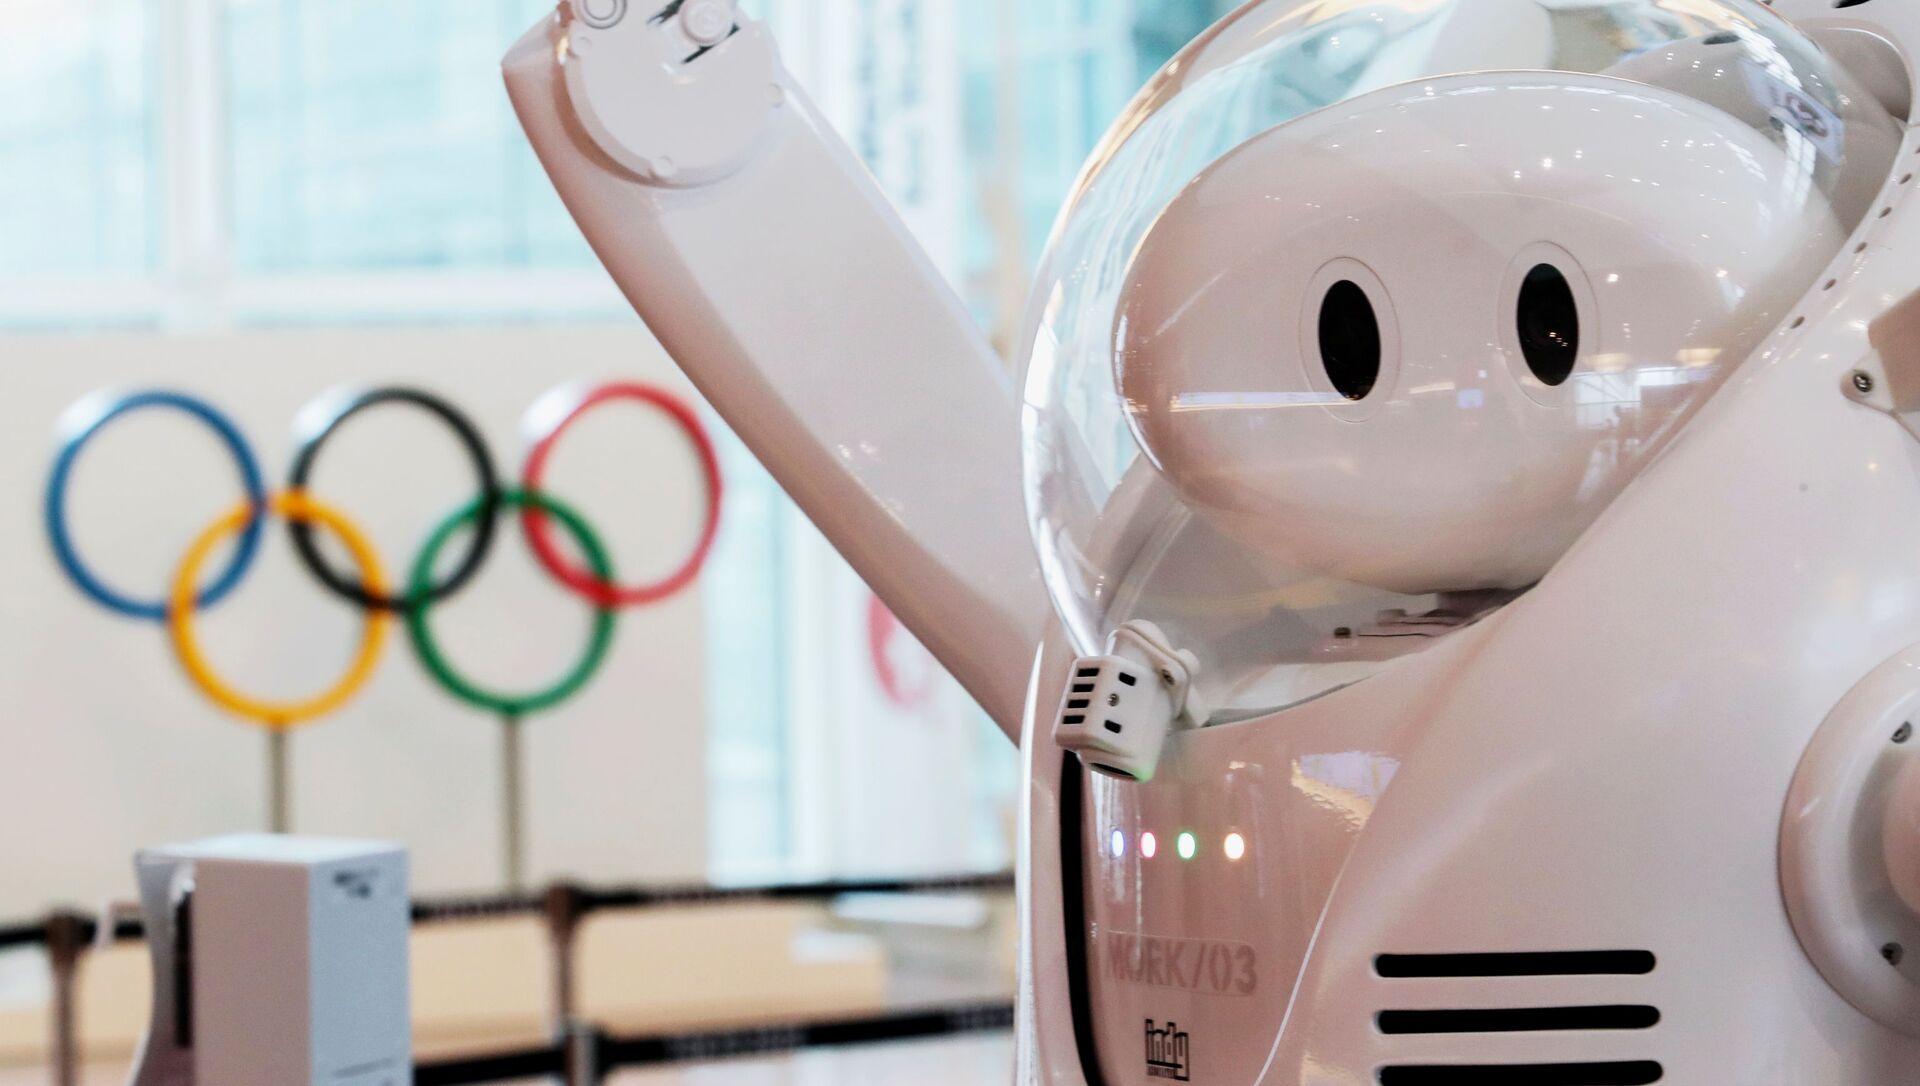 Робот у информационной стойки в аэропорту Haneda  - Sputnik 日本, 1920, 23.07.2021